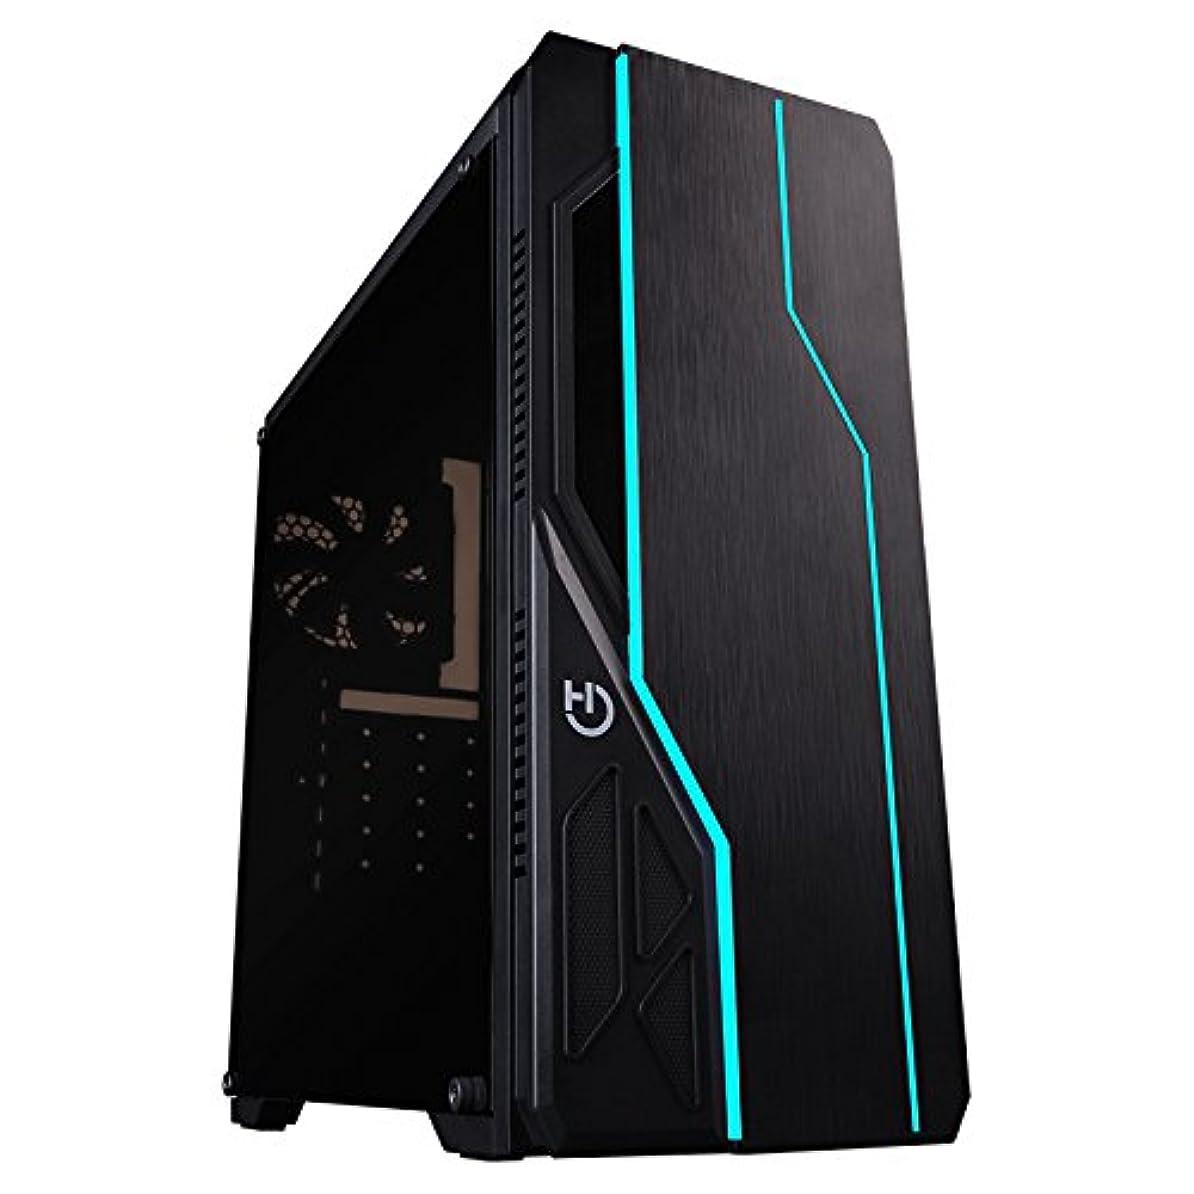 大臣高原調和Hiditec V10 RGBブラックタワーコンピュータケース - コンピュータの箱(タワー、PC、ABS樹脂、アクリル、メタル、SECC、ATX、Micro-ATX、ブラック、ゲーム)